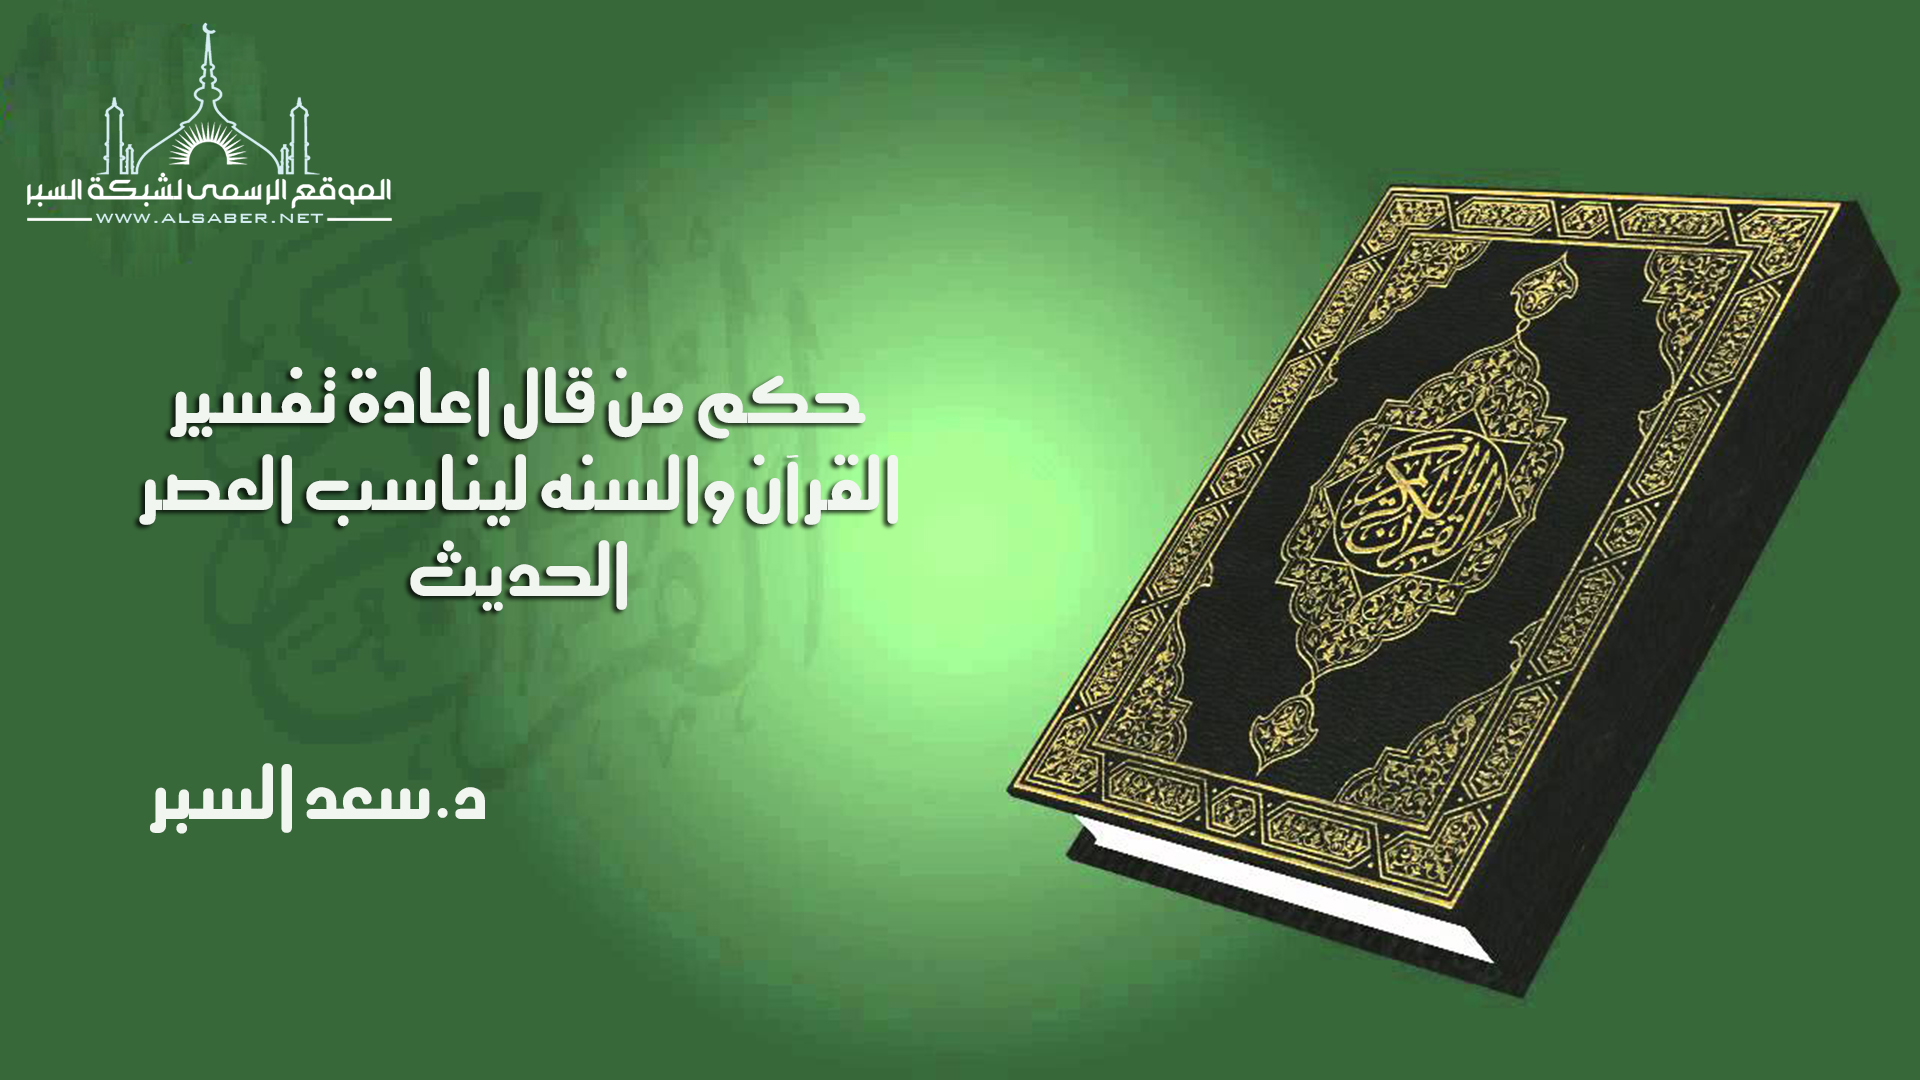 حكم من قال اعادة تفسير القرآن والسنه ليناسب العصر الحديث